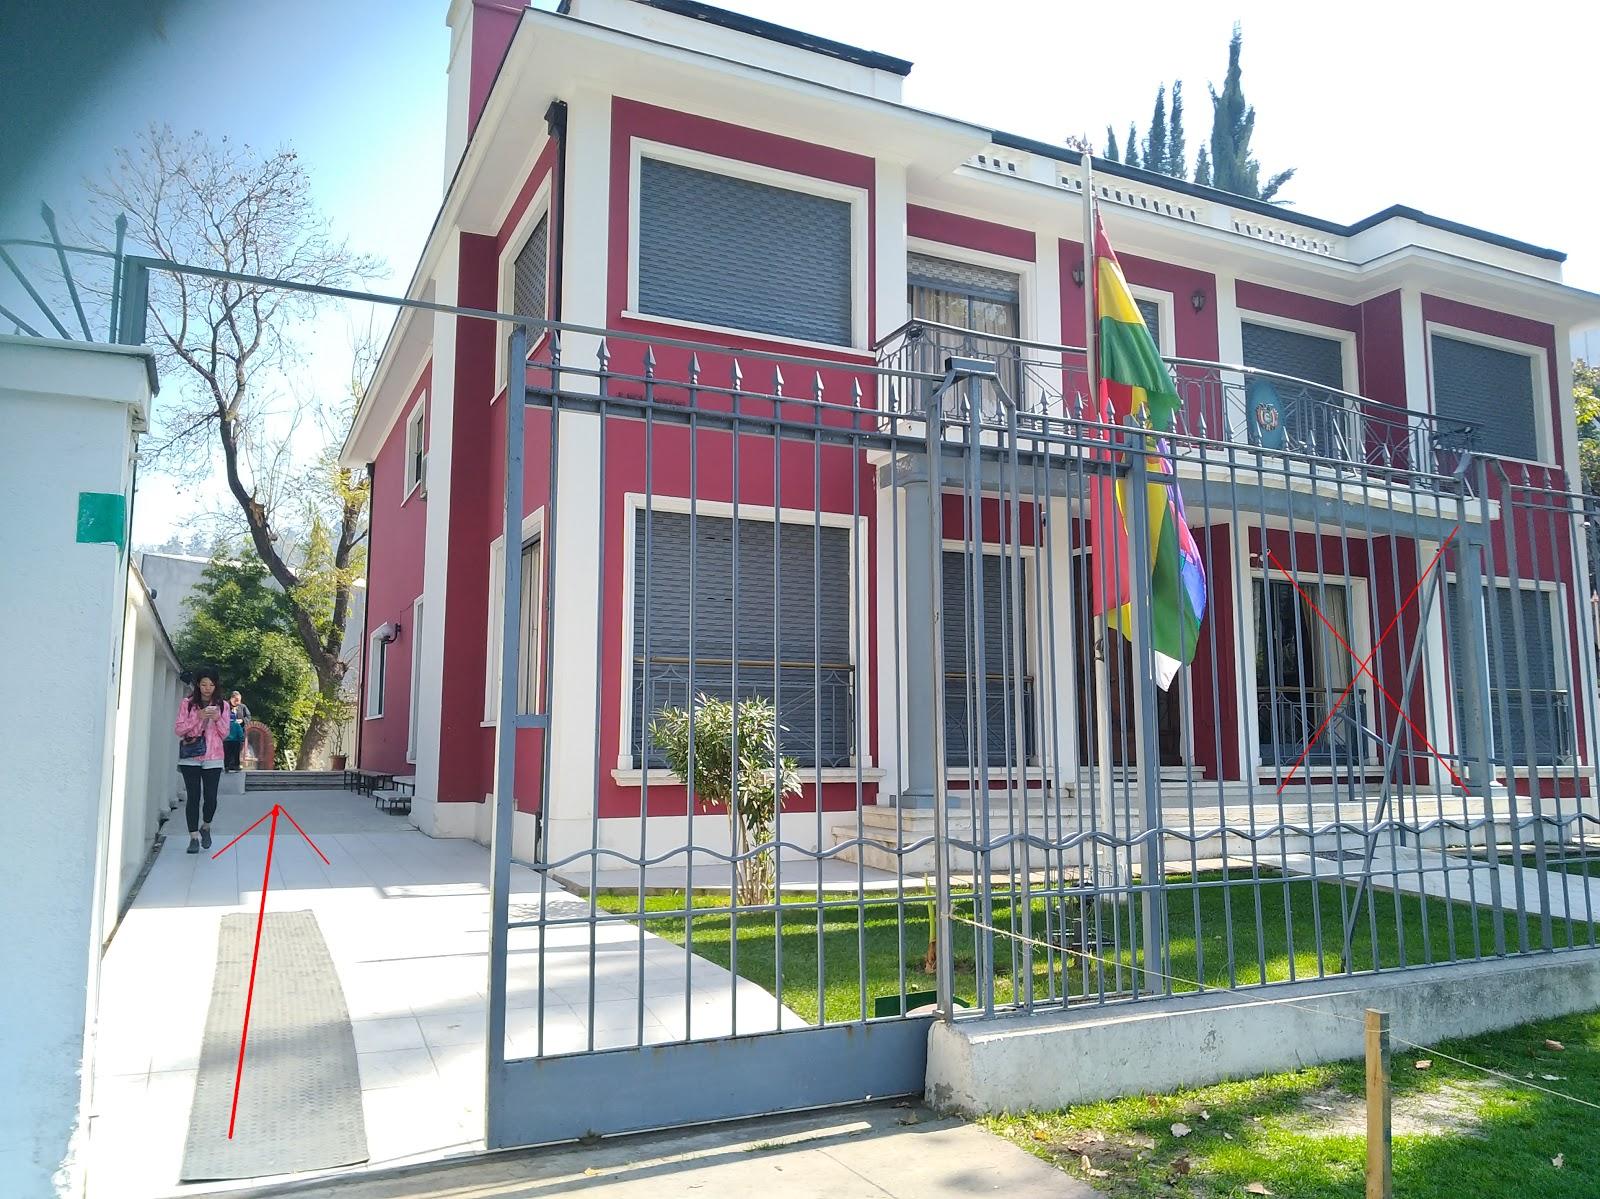 [簽證]在智利聖地牙哥辦玻利維亞簽證流程(2018.9.13) | Frobo平面攝影記事